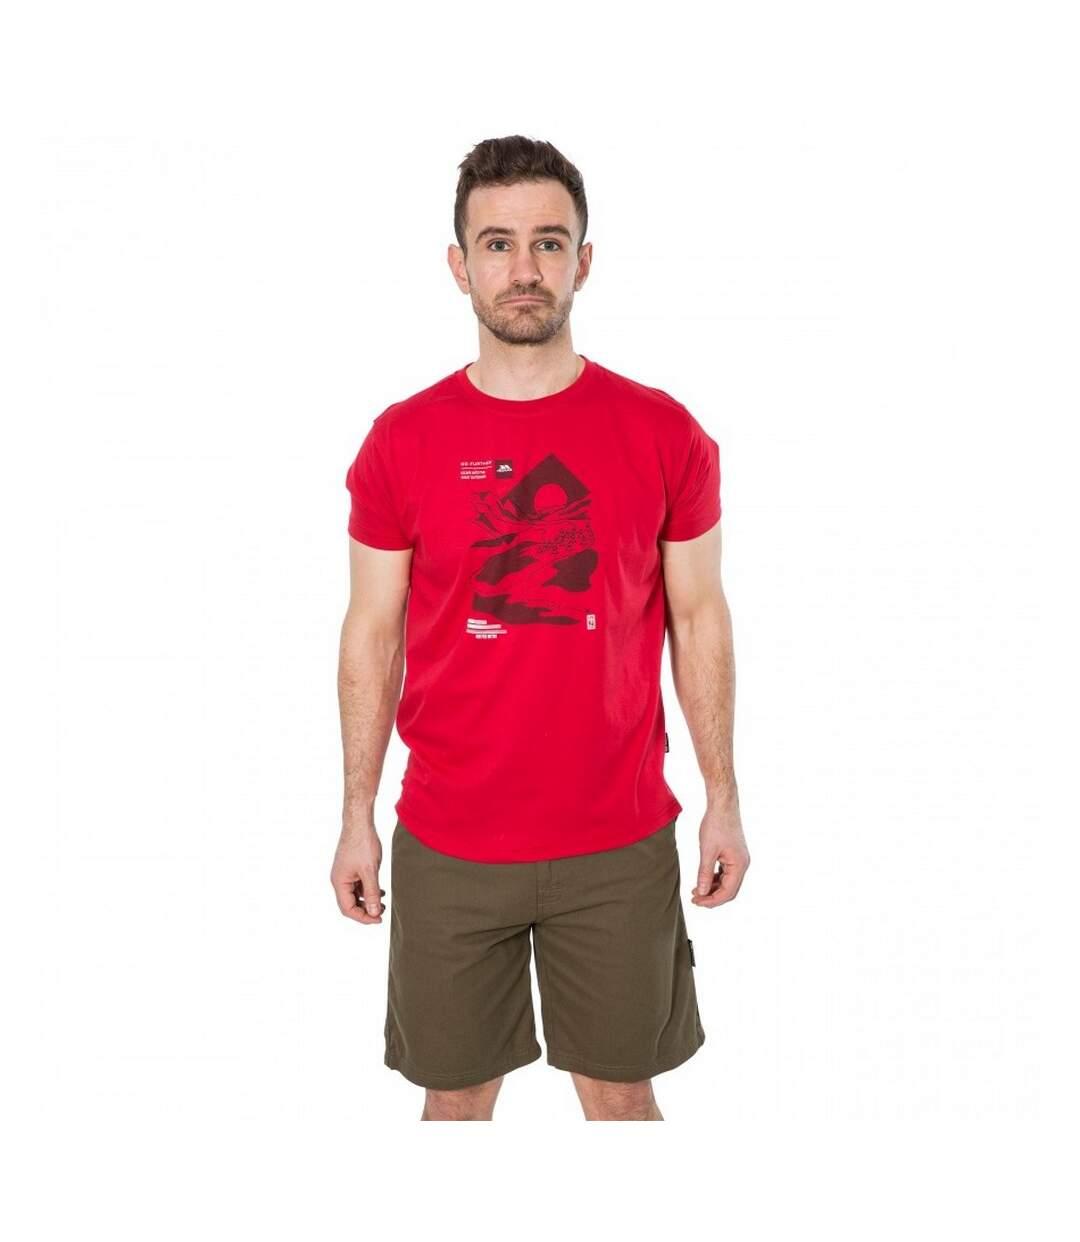 Trespass Mens Landscape T-Shirt (Red) - UTTP4309